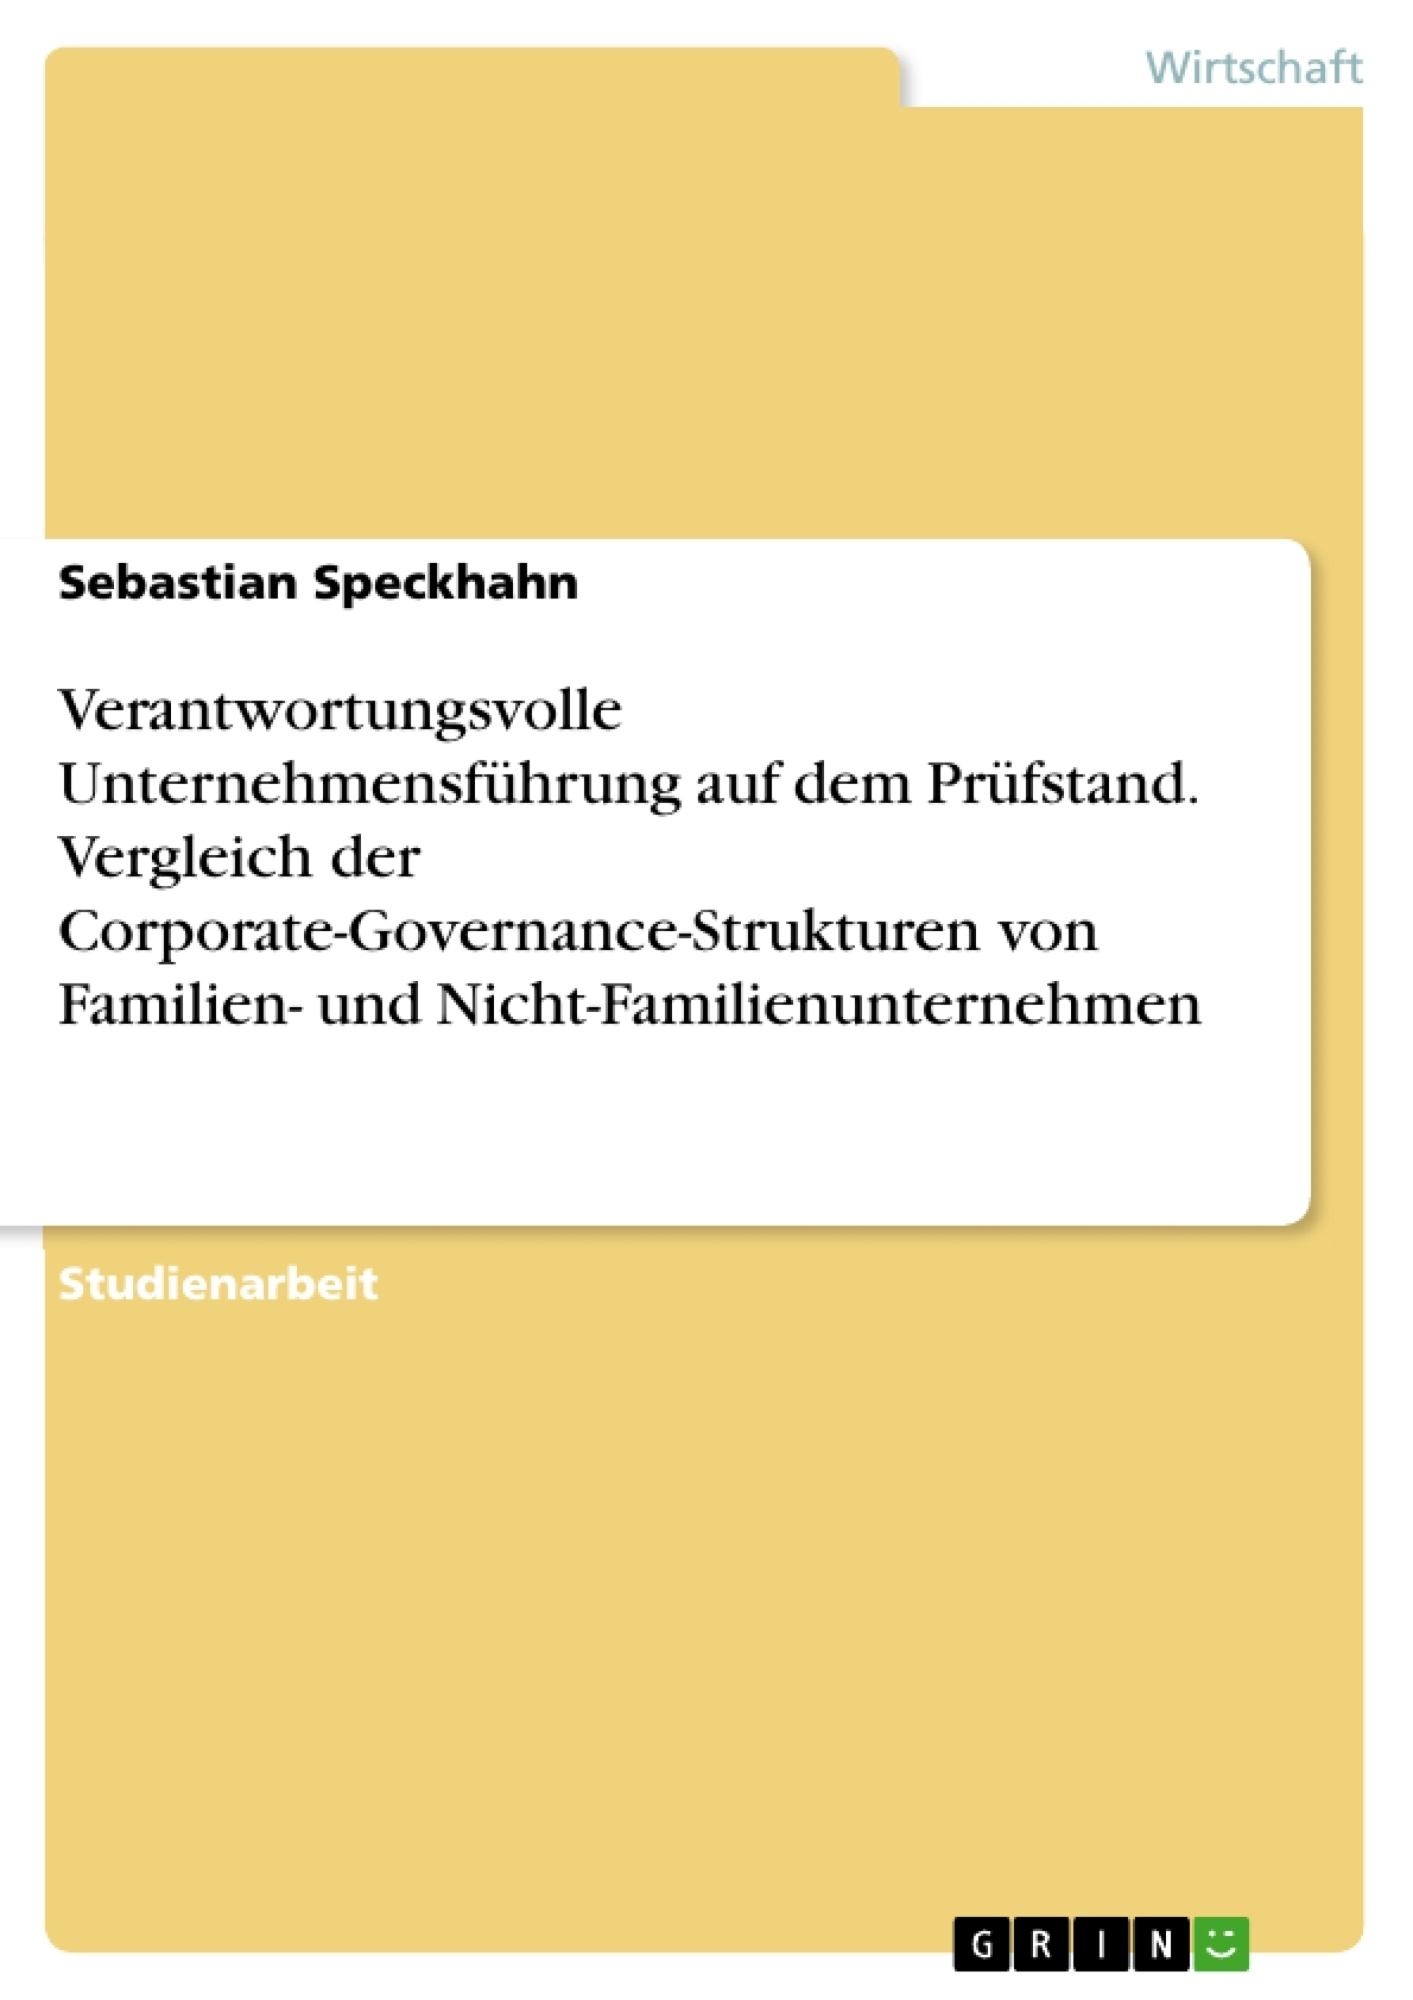 Titel: Verantwortungsvolle Unternehmensführung auf dem Prüfstand. Vergleich der Corporate-Governance-Strukturen von Familien- und Nicht-Familienunternehmen